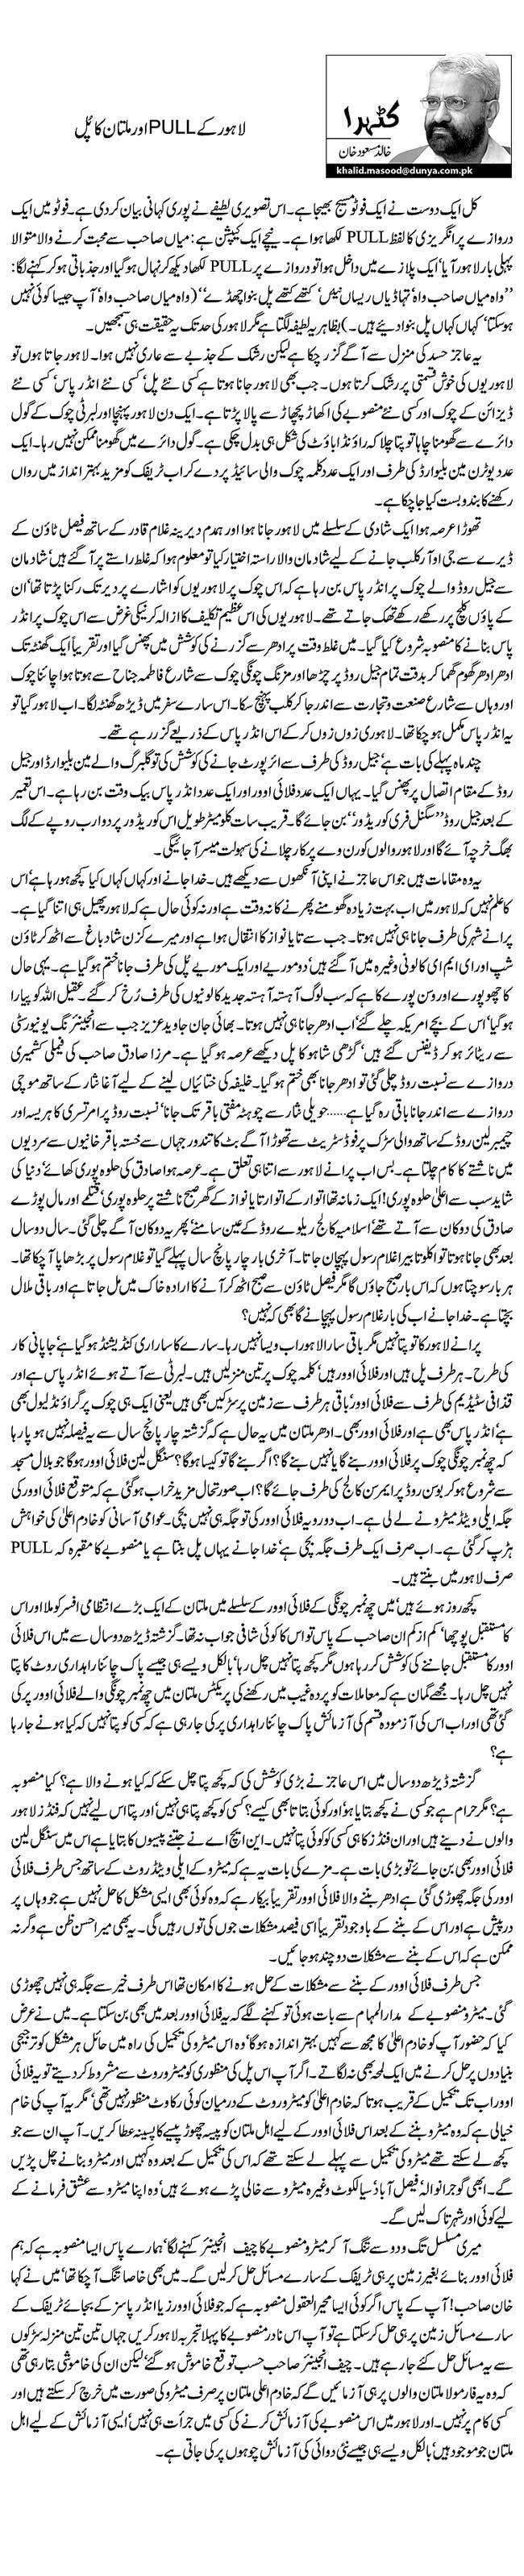 لاہور کے PULL اور ملتان کا پُل